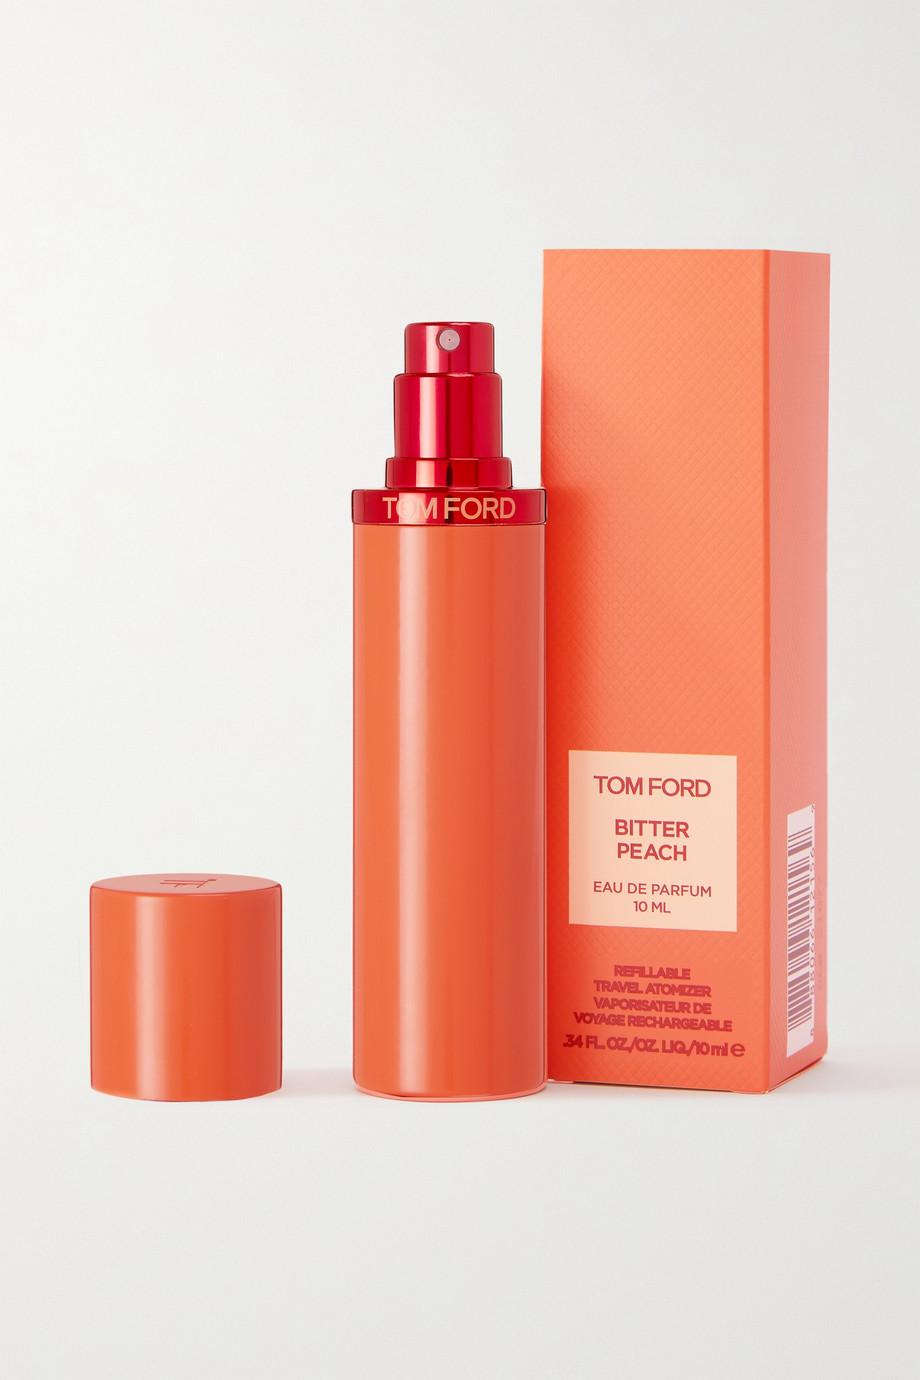 TOM FORD BEAUTY Eau de parfum Bitter Peach, 10 ml